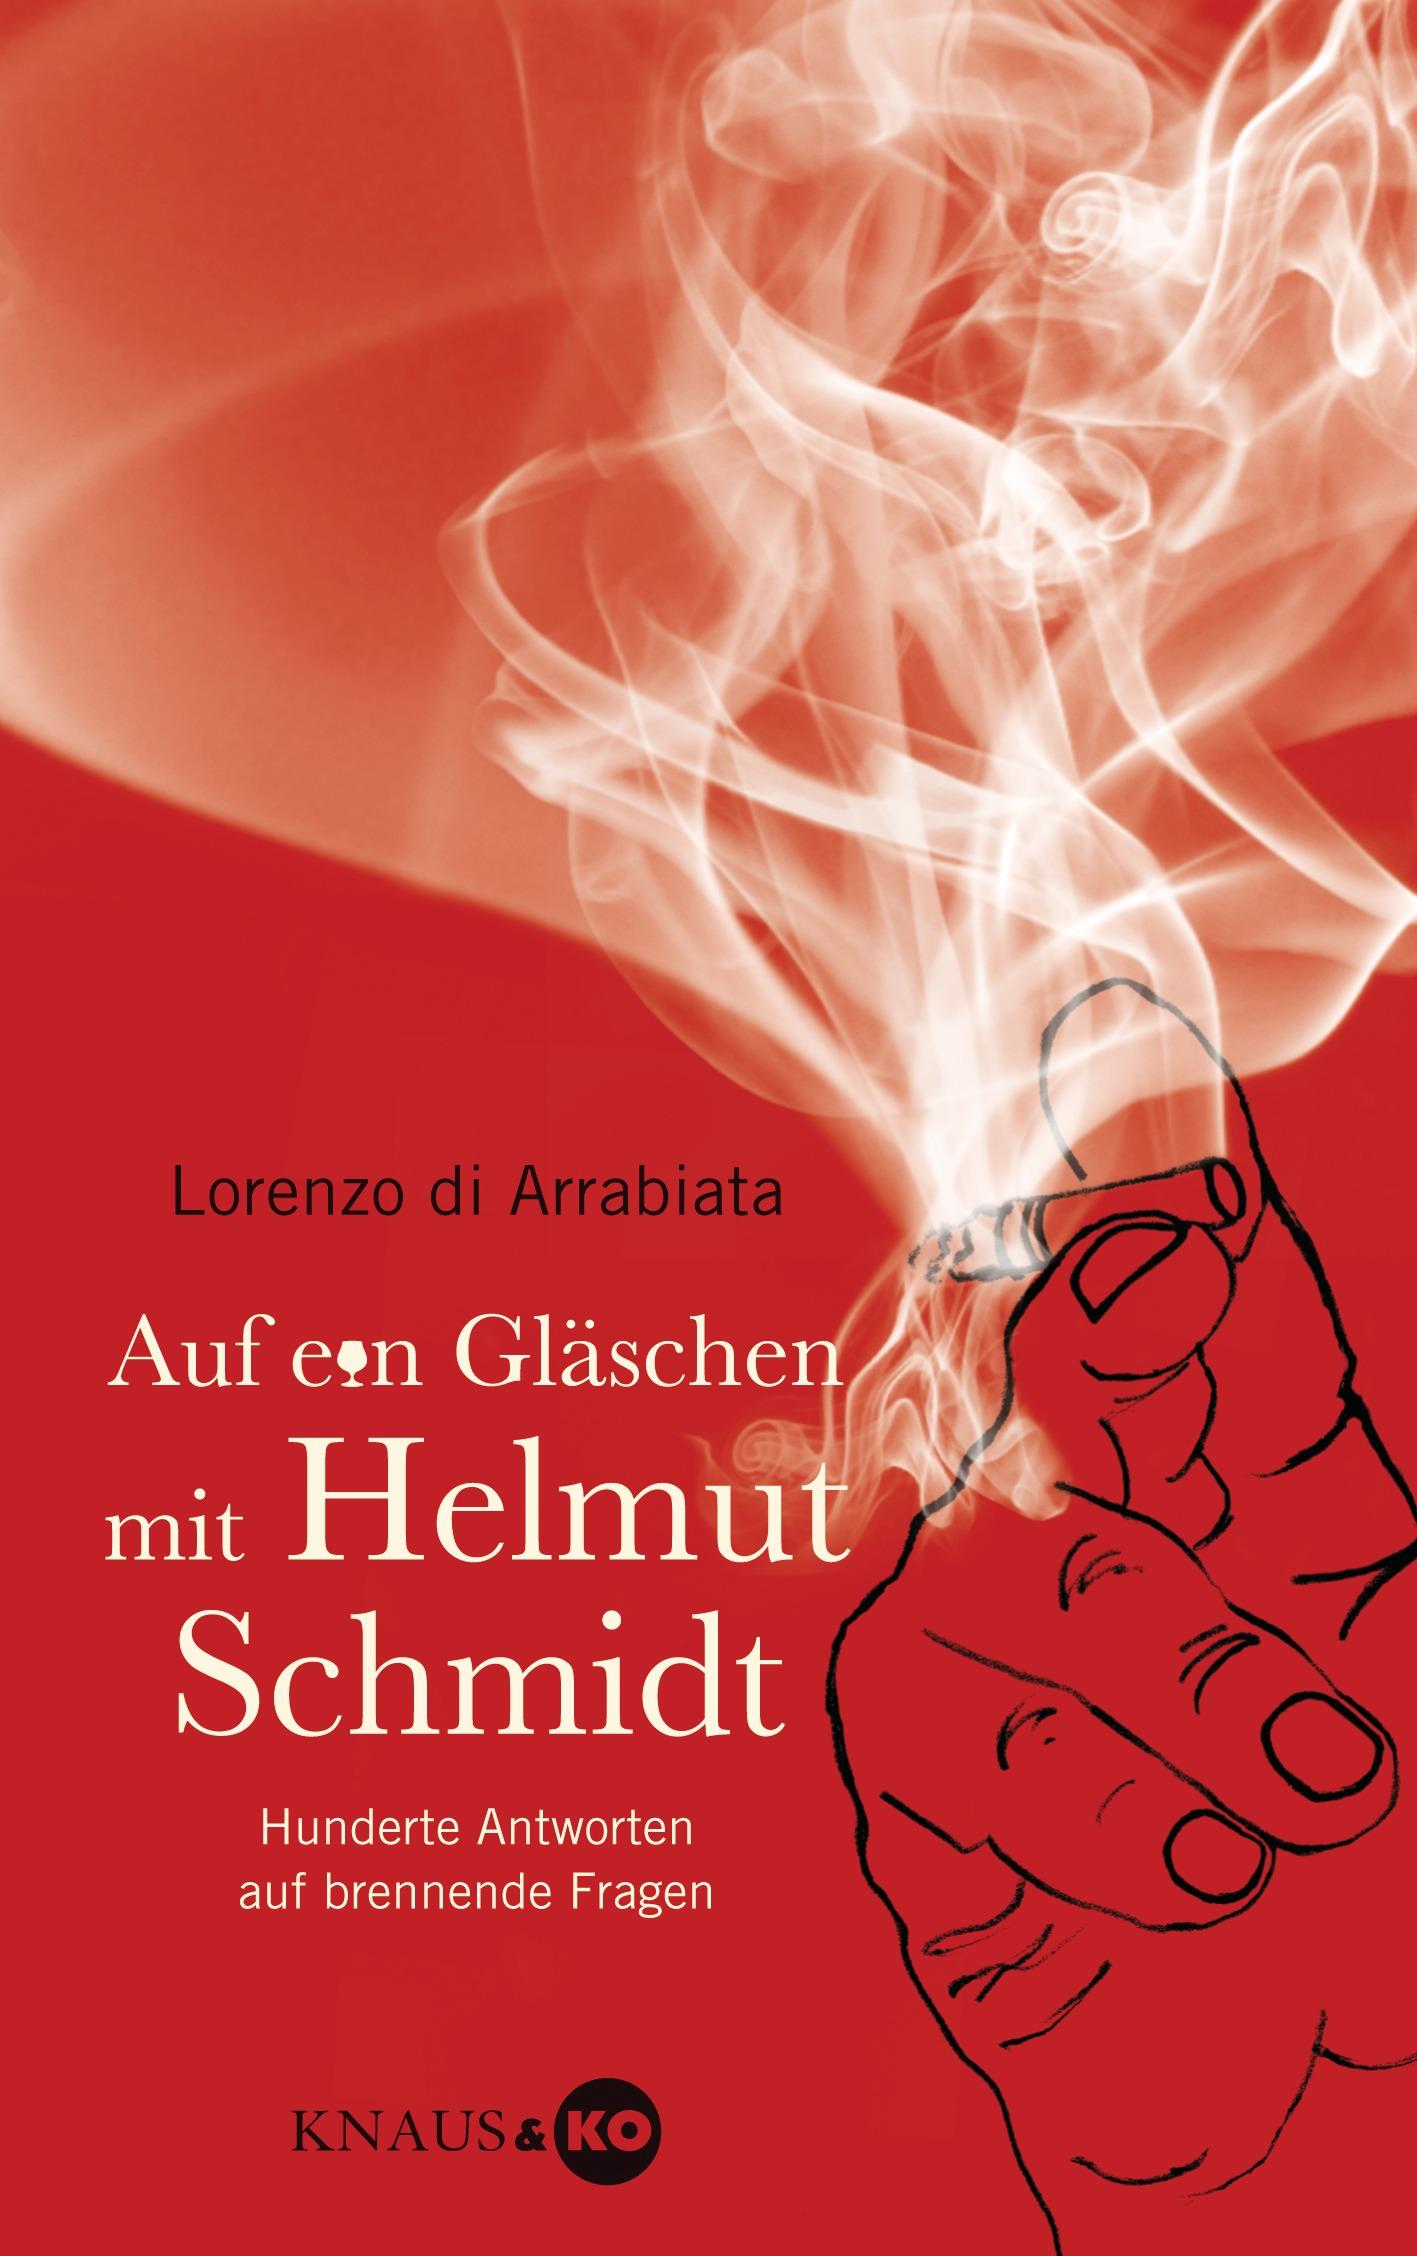 Auf ein Gläschen mit Helmut Schmidt: Hunderte Antworten auf brennende Fragen - Lorenzo di Arrabiata